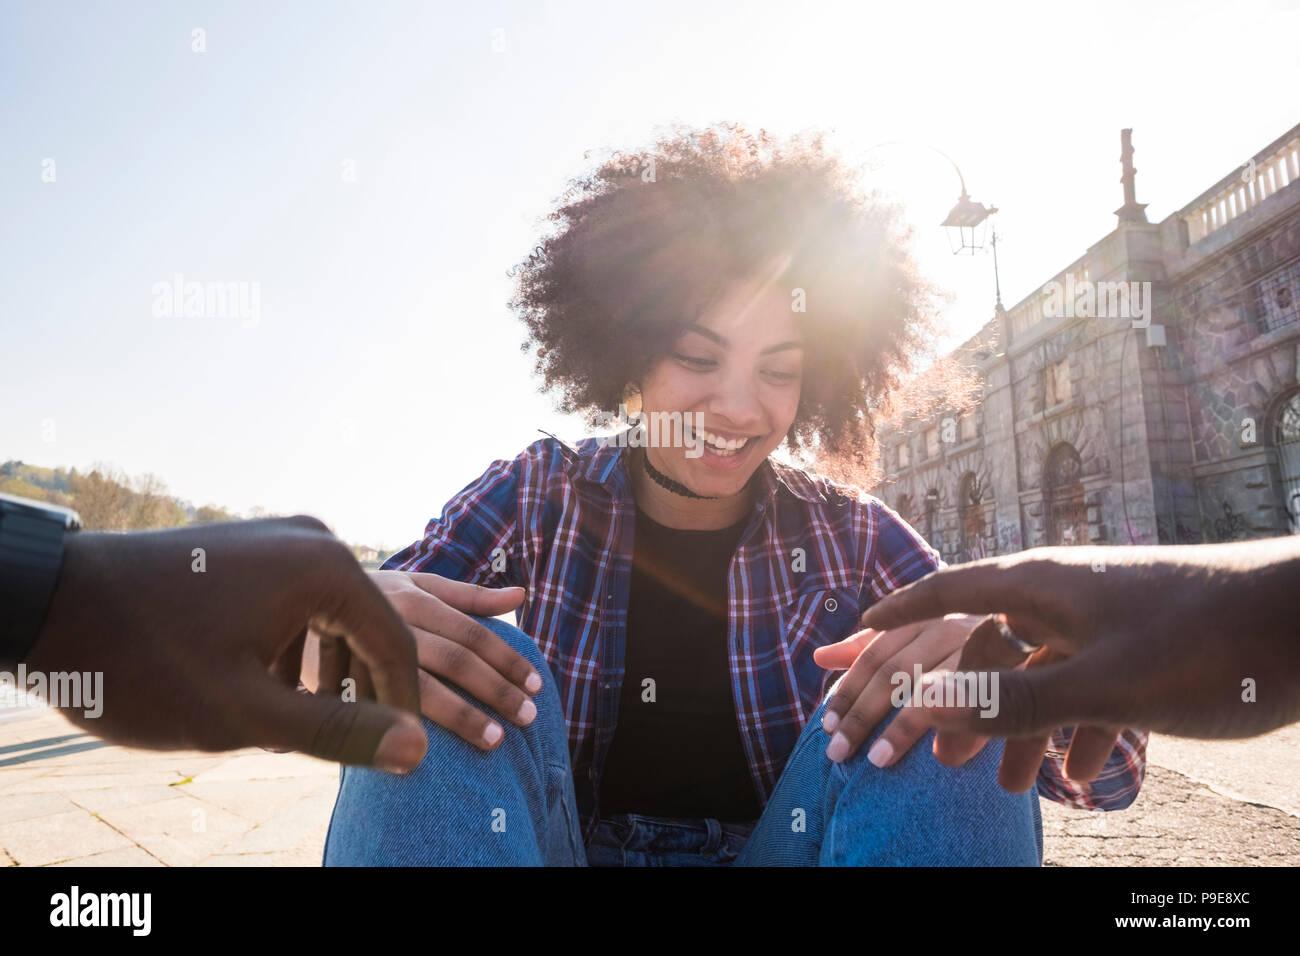 Schöne schöne schwarze Rasse ethnische Haar gyoung Mädchen haben Spaß mit einem afrikanischen Mann Lächeln und Lachen mit ihm. glückliche Menschen in der Stadt. Hintergrundbeleuchtung und s Stockbild